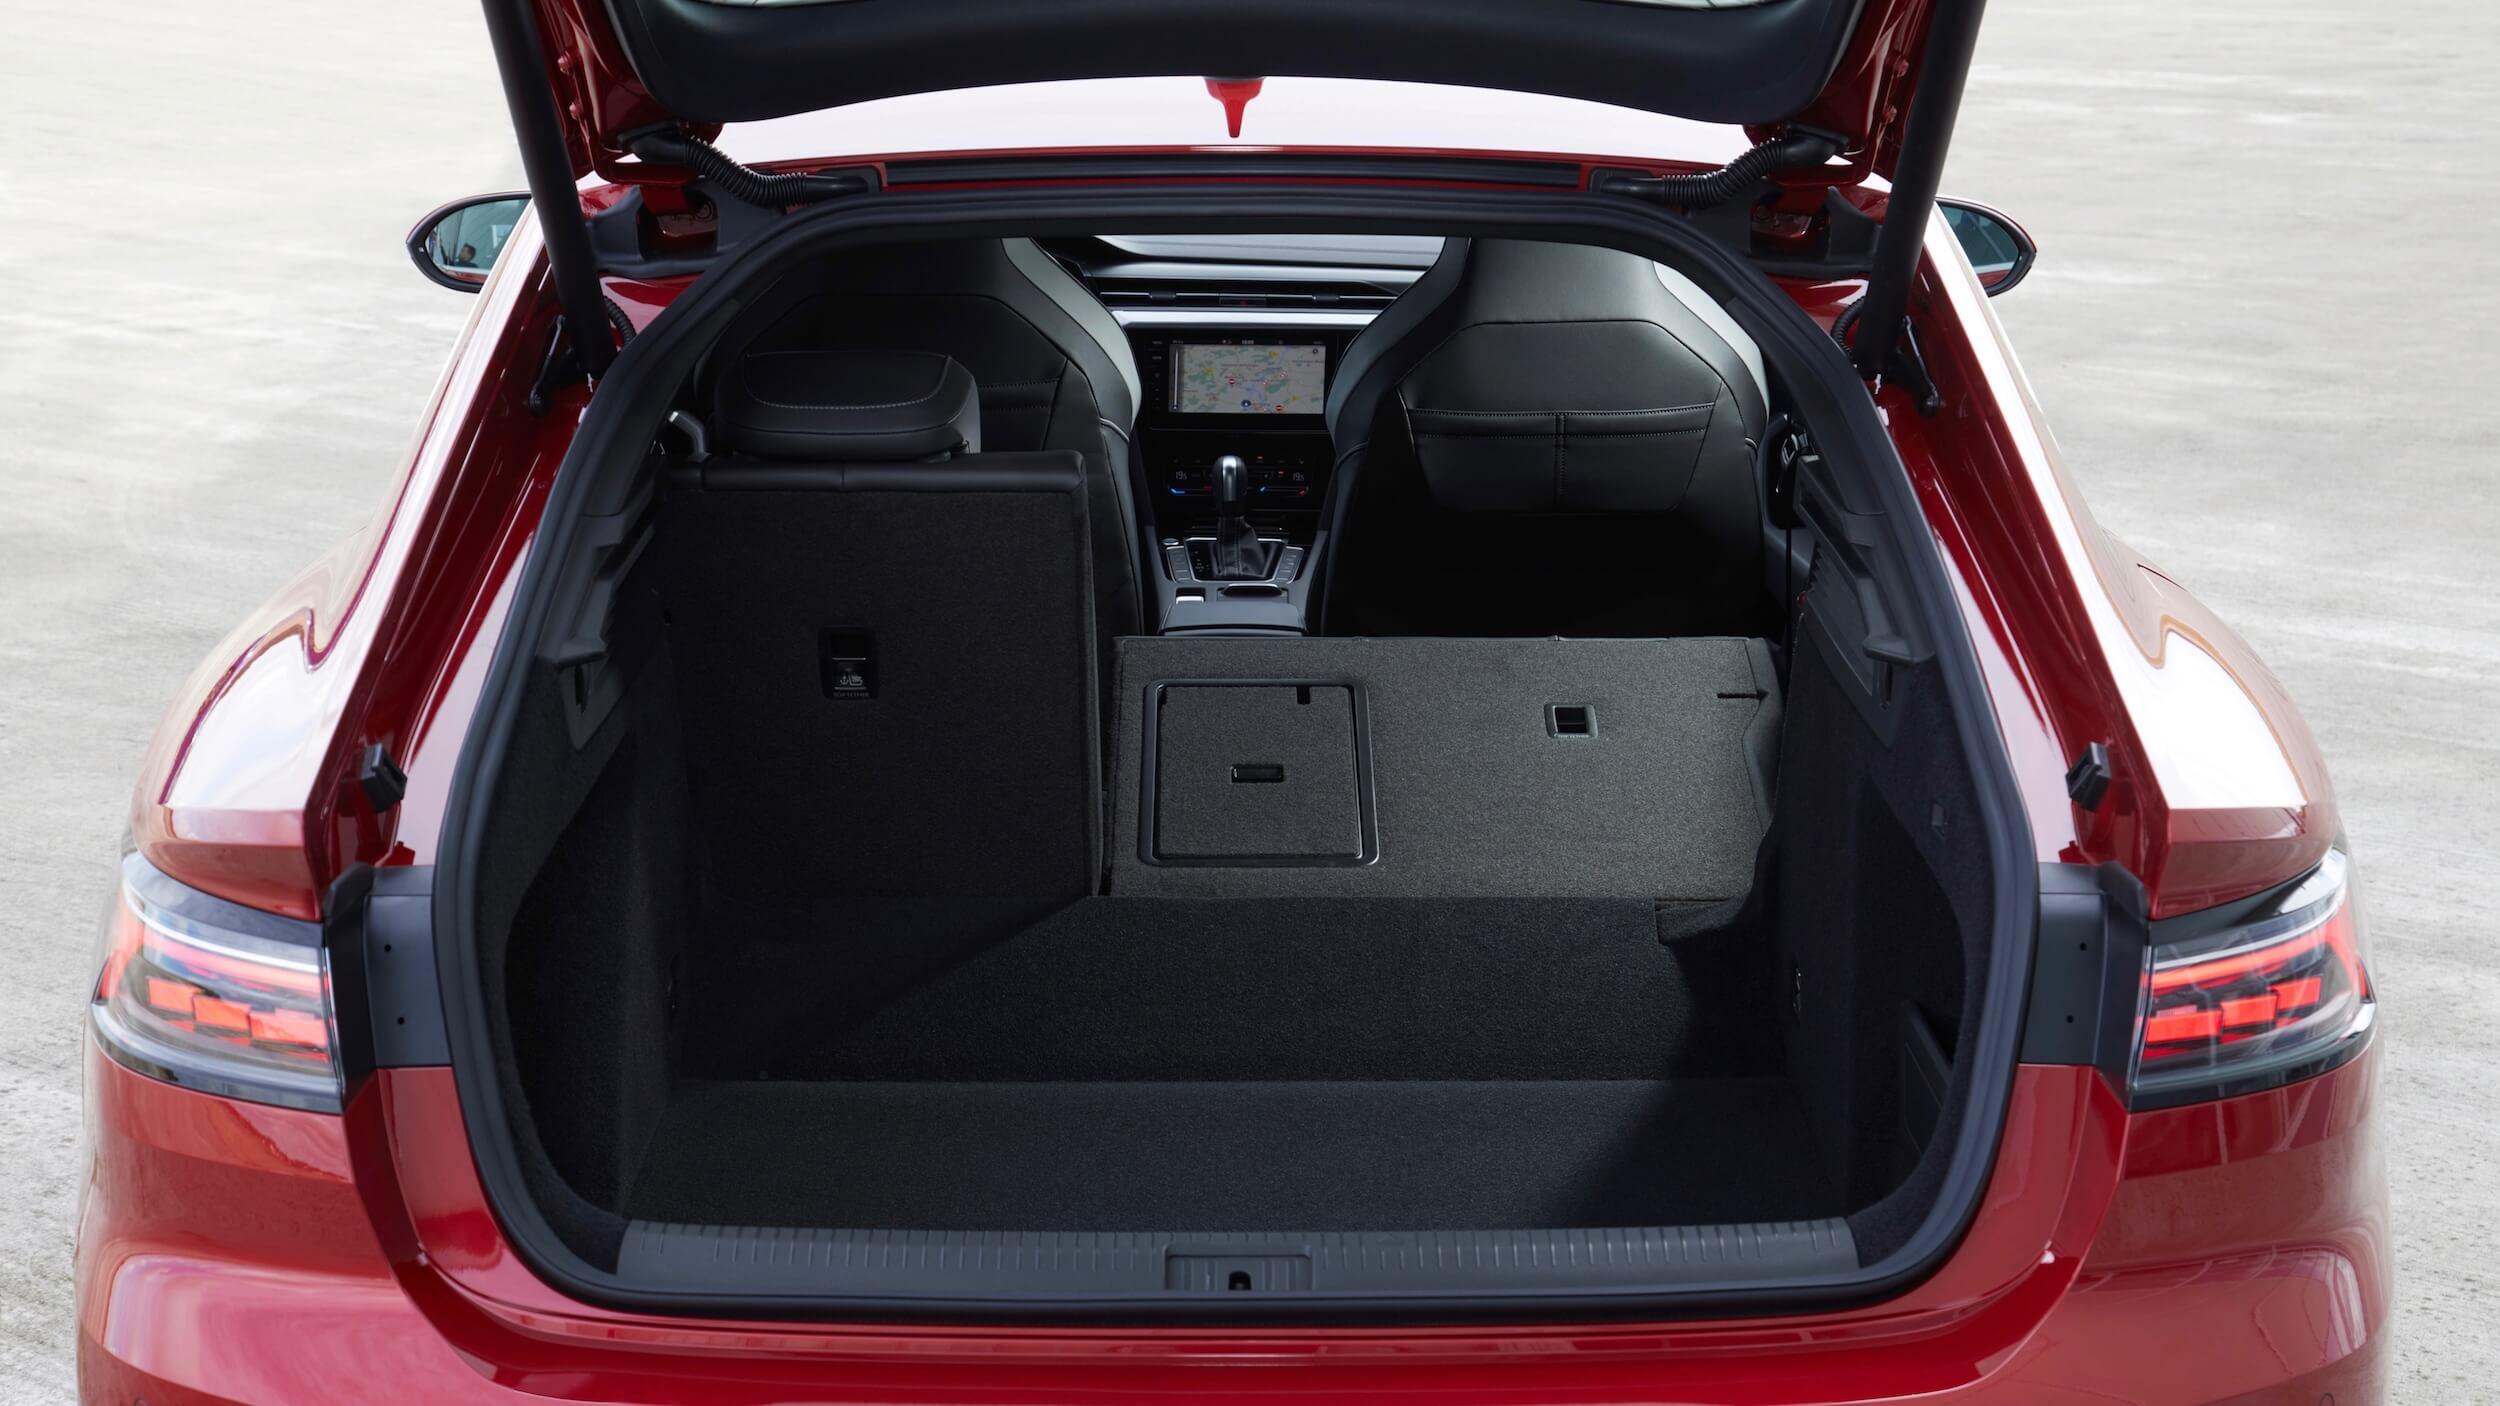 VW Arteon eHybrid kofferruimte